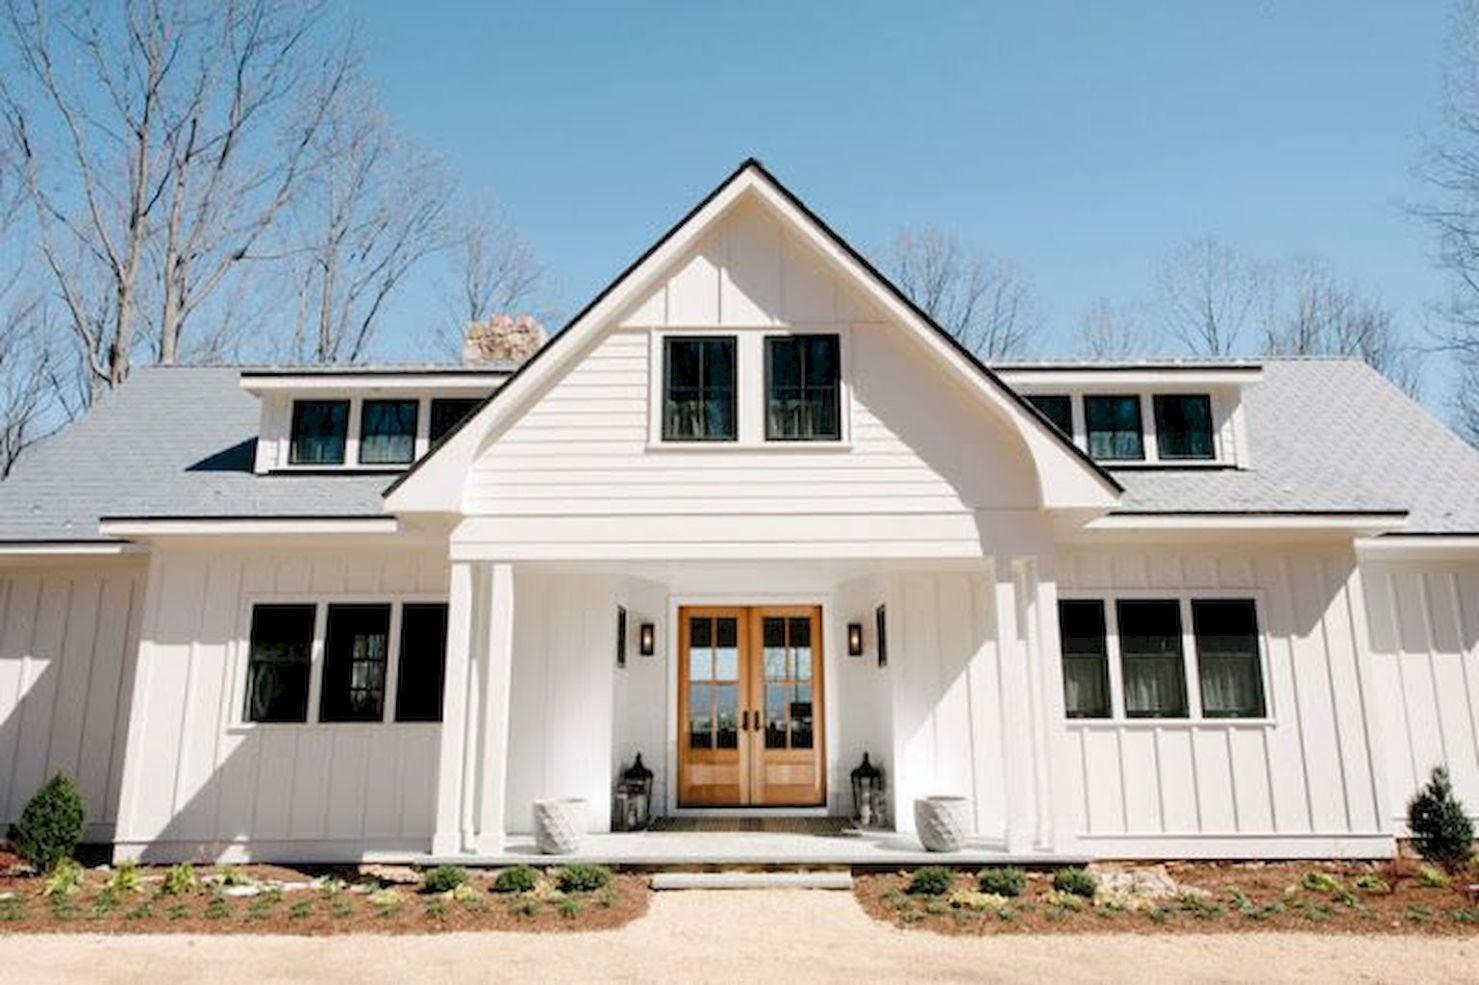 90 incredible modern farmhouse exterior design ideas 38 - Rustic modern farmhouse exterior ...